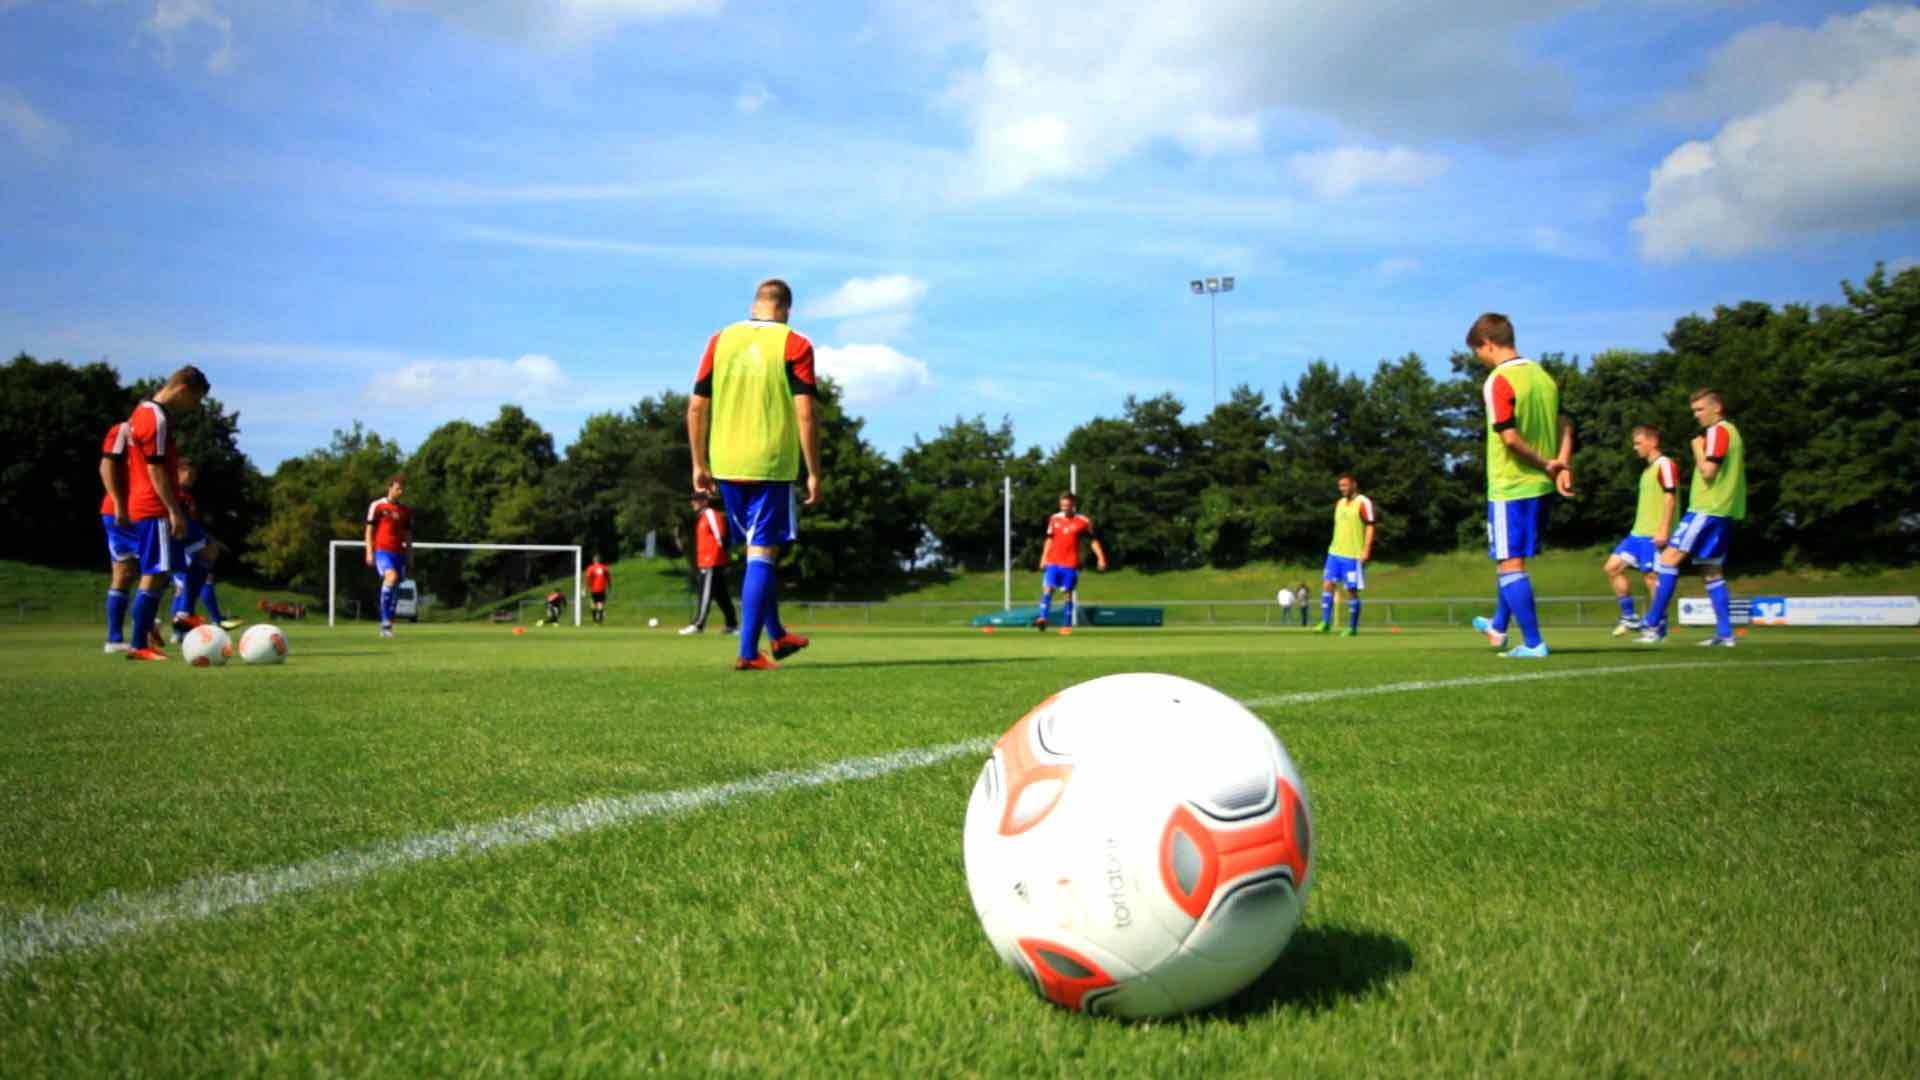 Fußballspieler und Ball